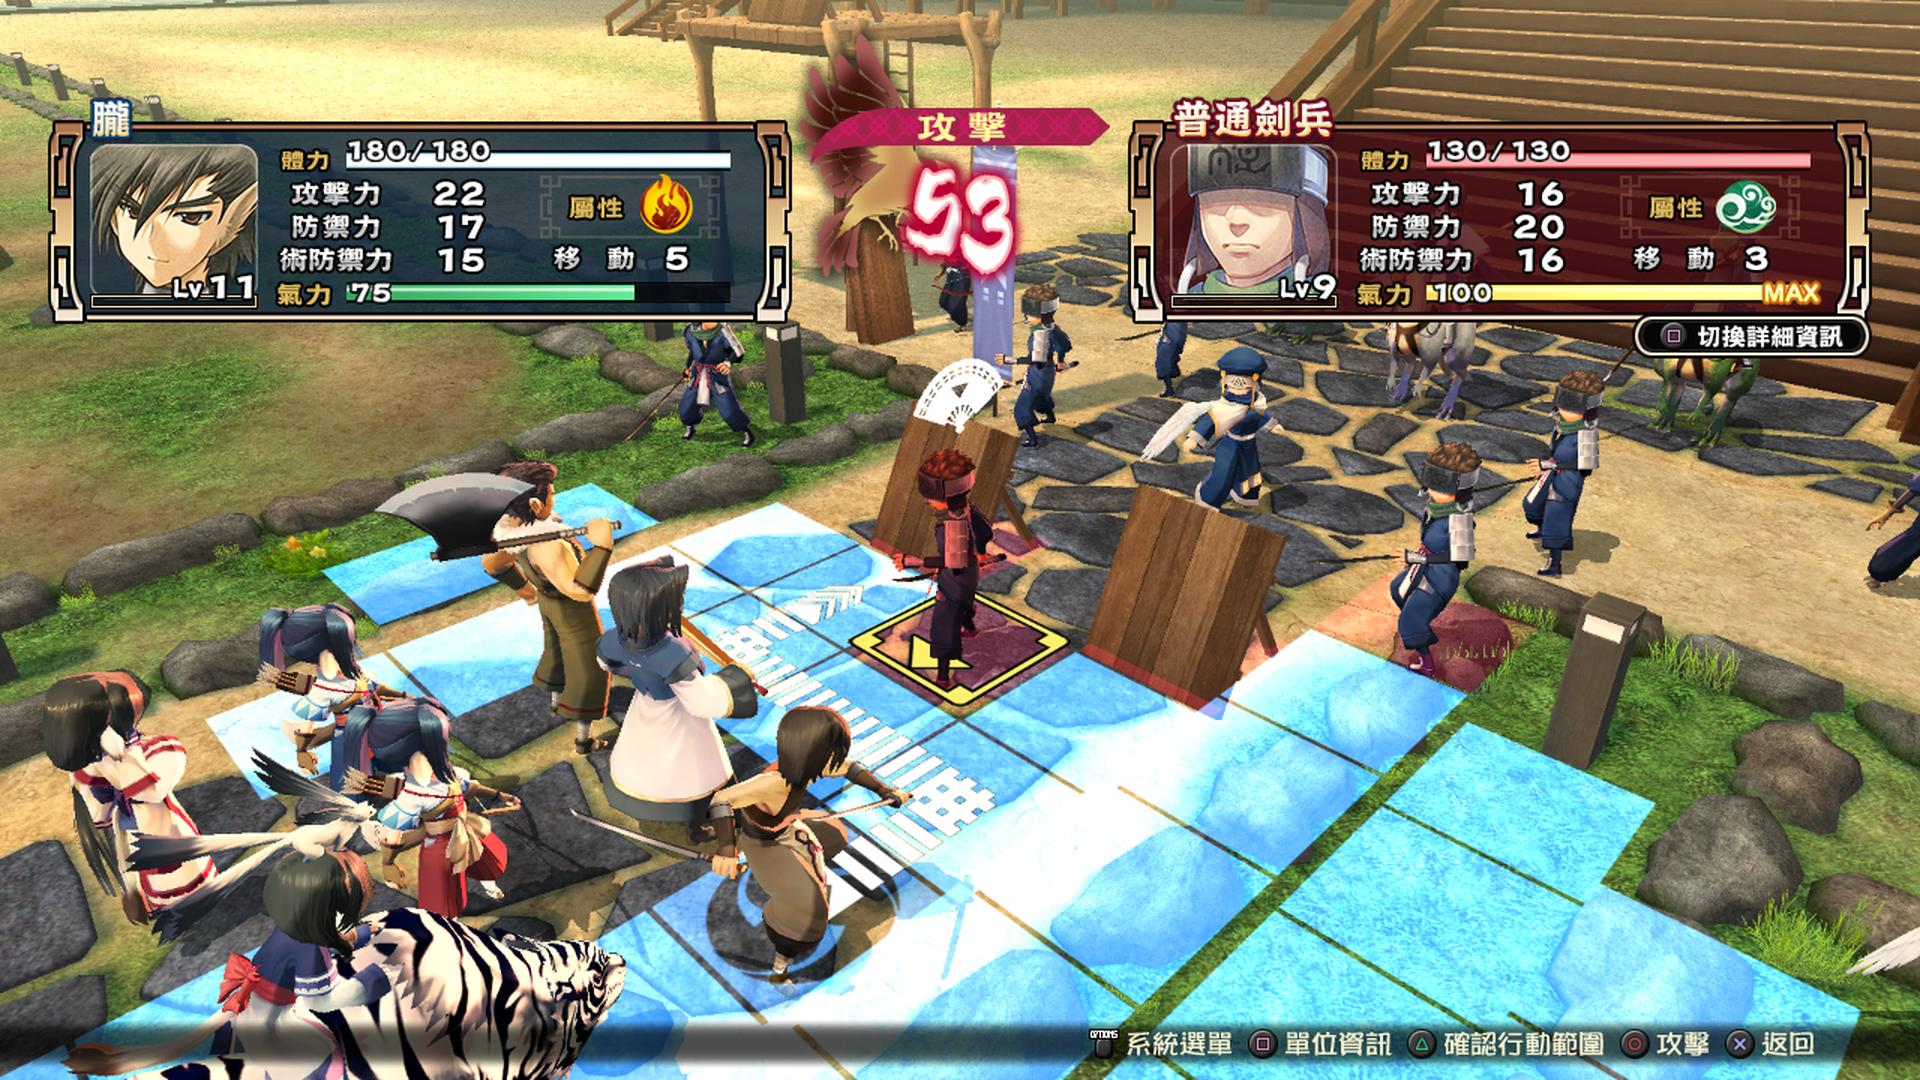 PS4《传颂之物》亚洲版与豪华限定版11月22日发售